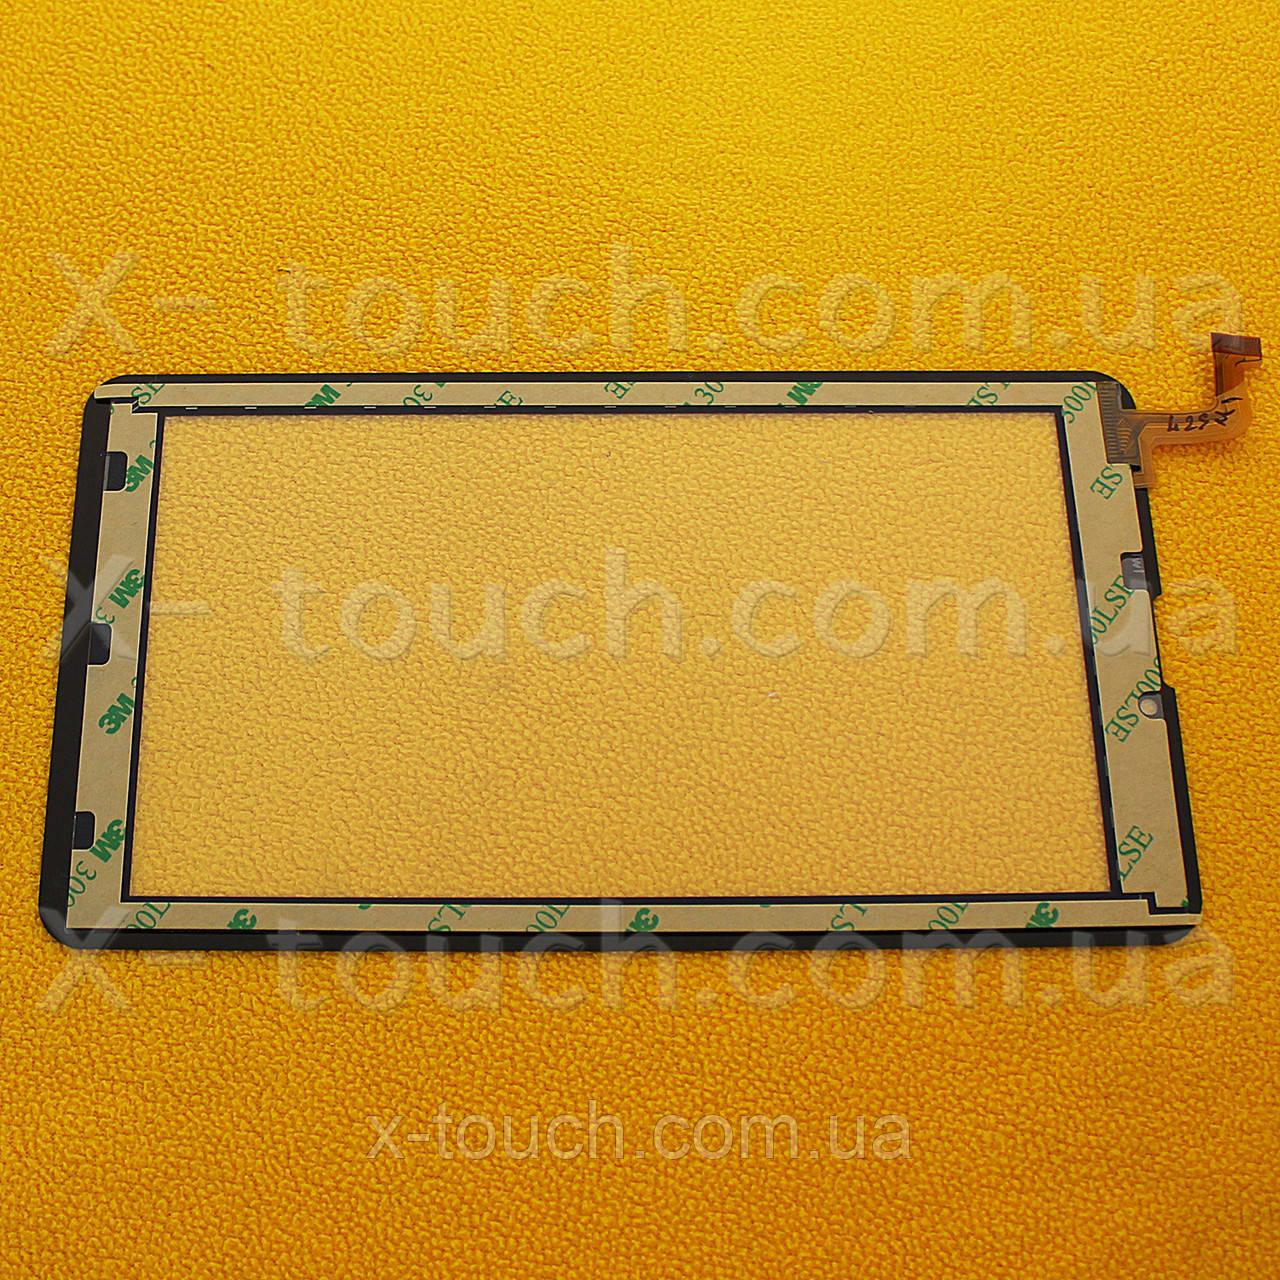 Тачскрин, сенсор  MTCTP-70760 для планшета, белого цвета